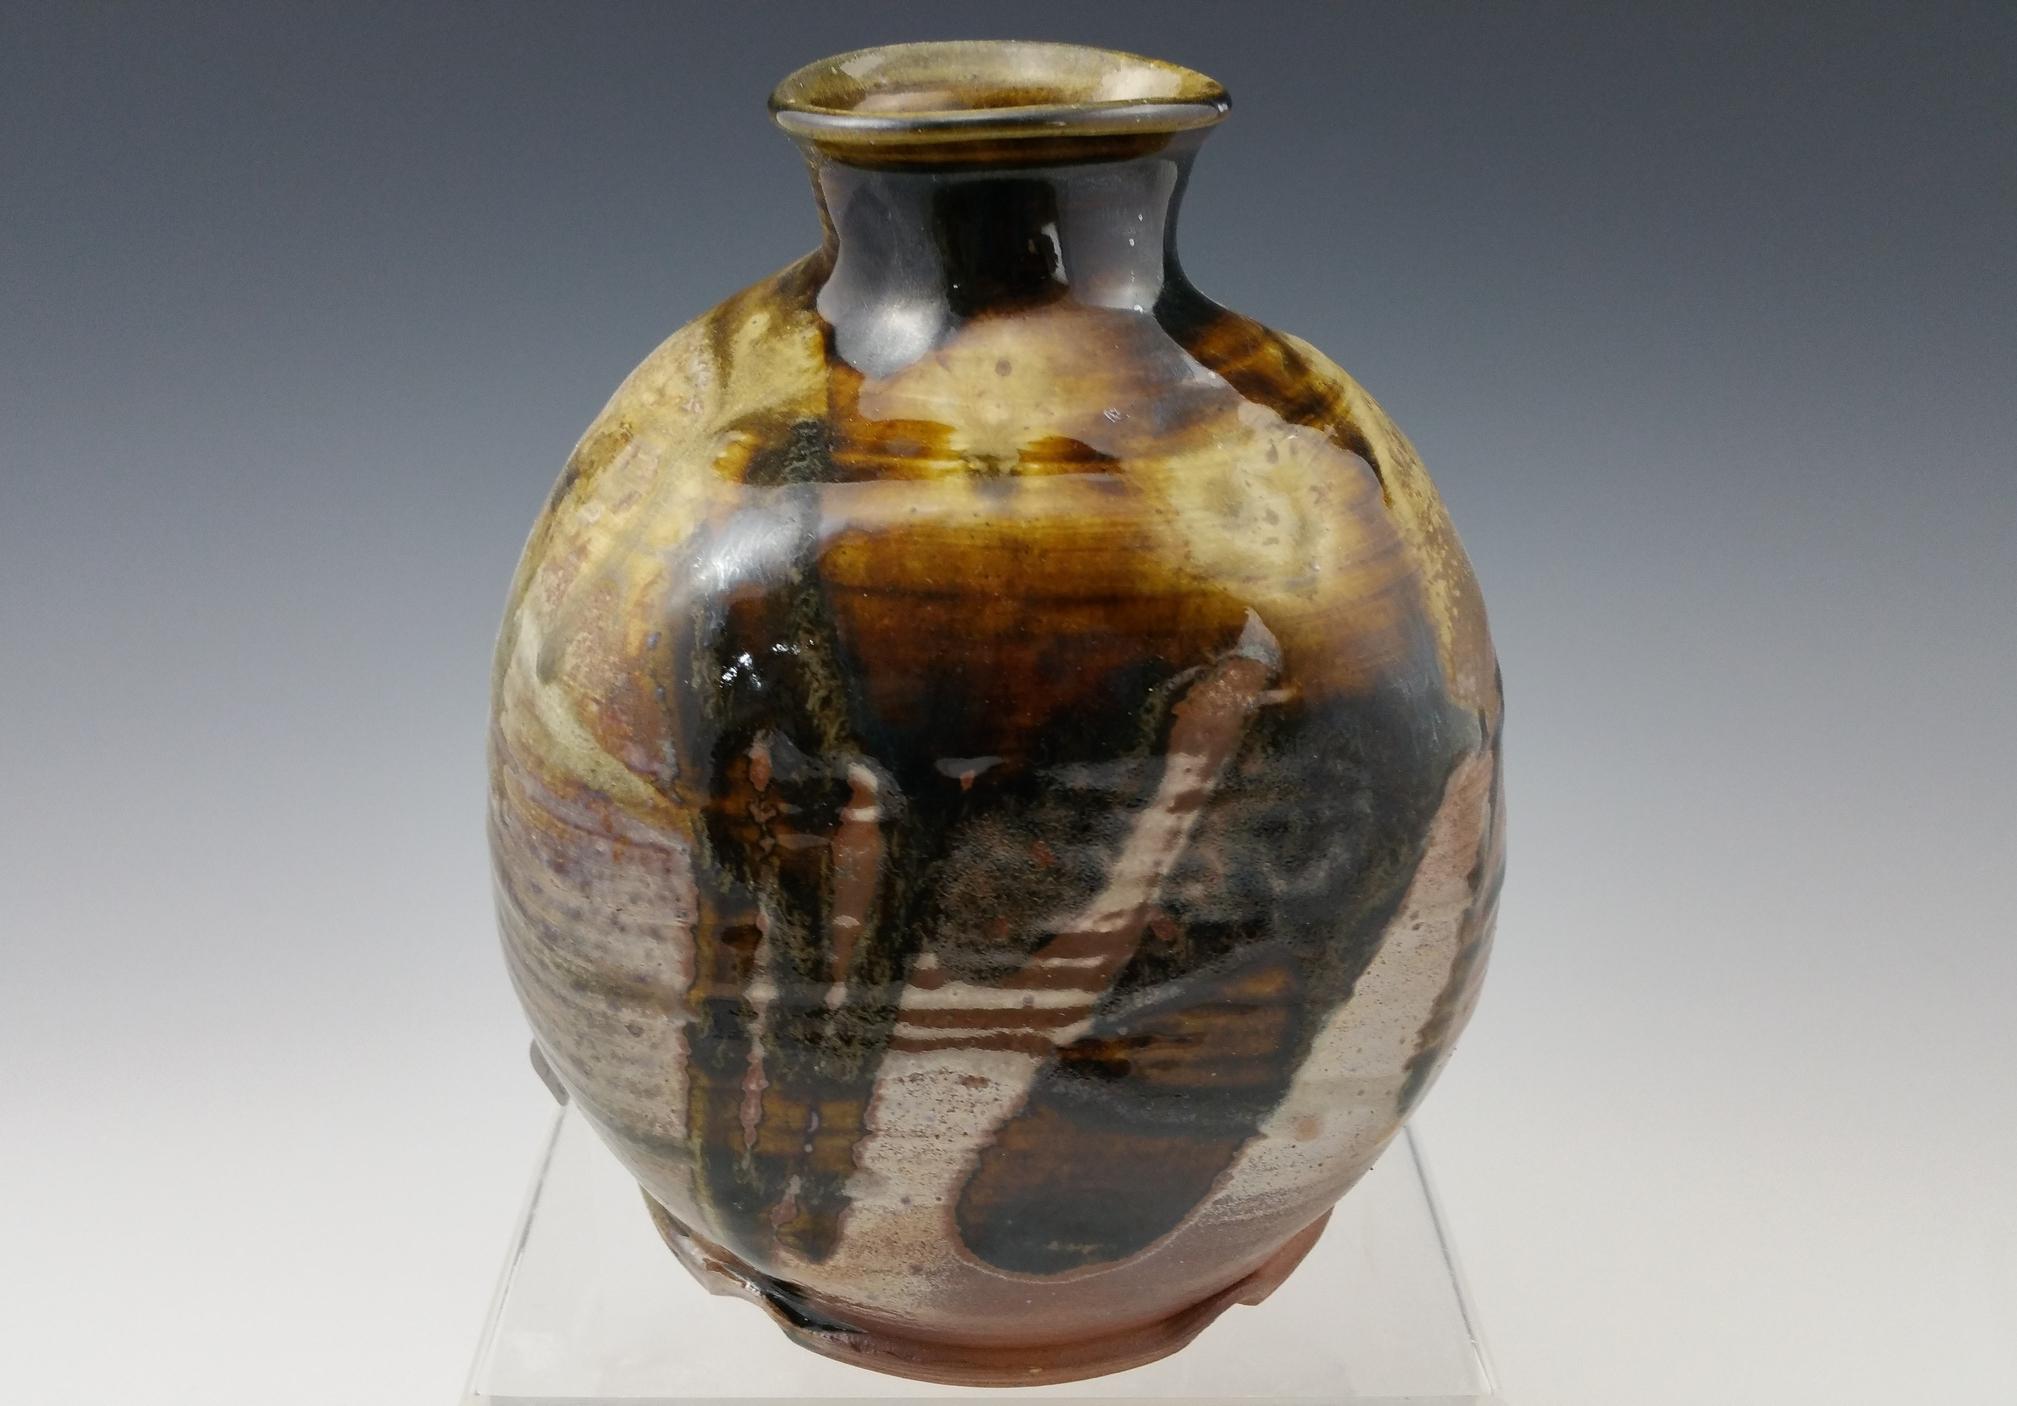 Wood Fired Temoku/Teadust Vase